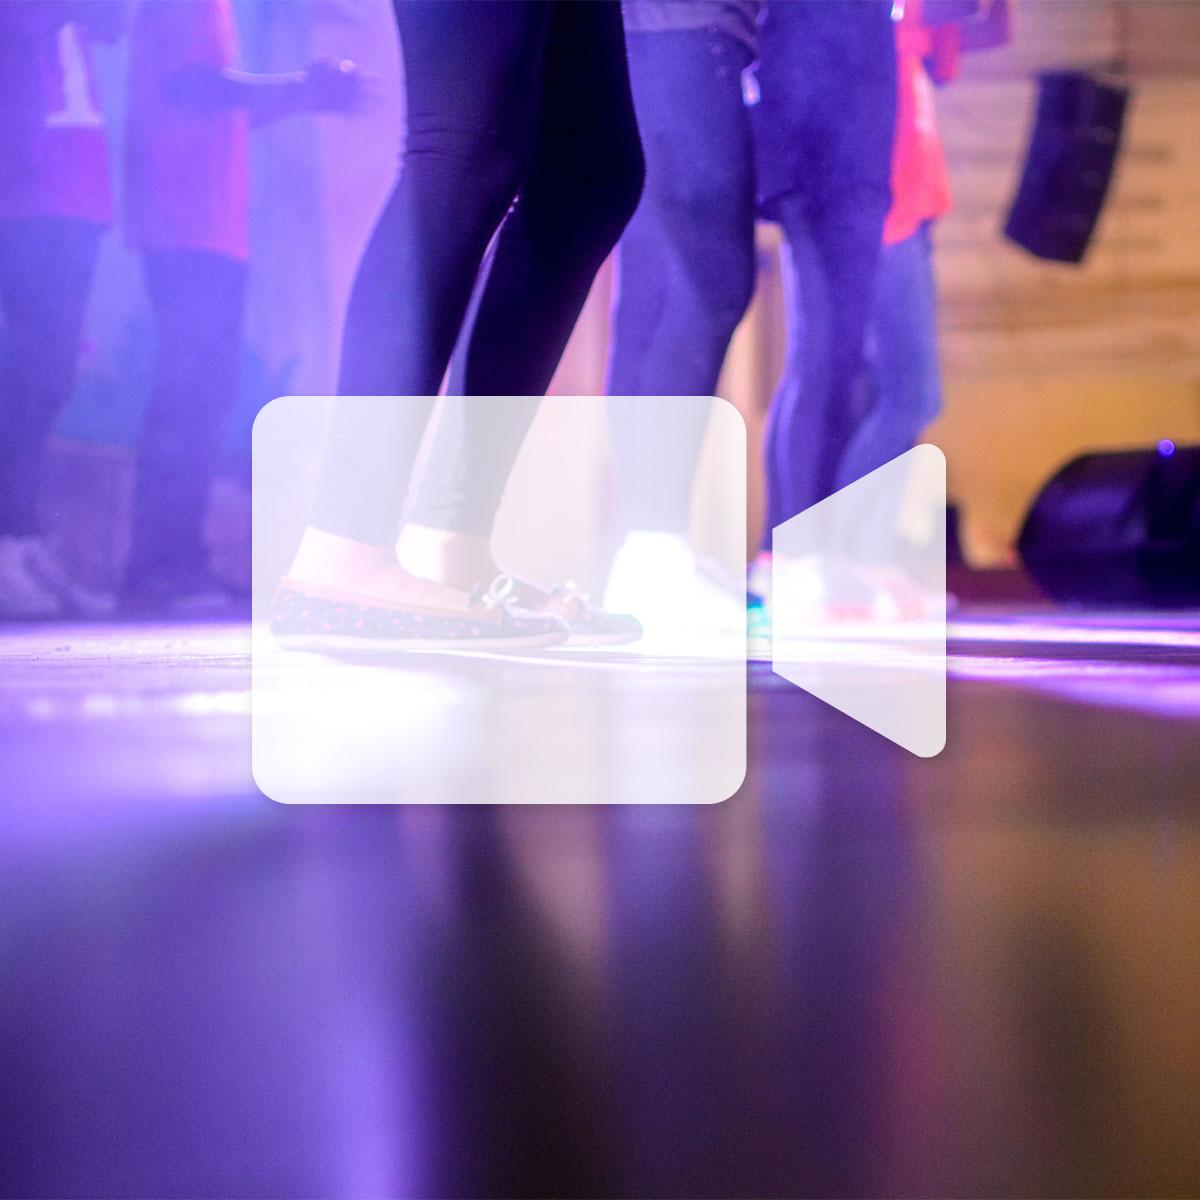 En ligne - Danse en ligne - Perfectionnement (Vendredi)